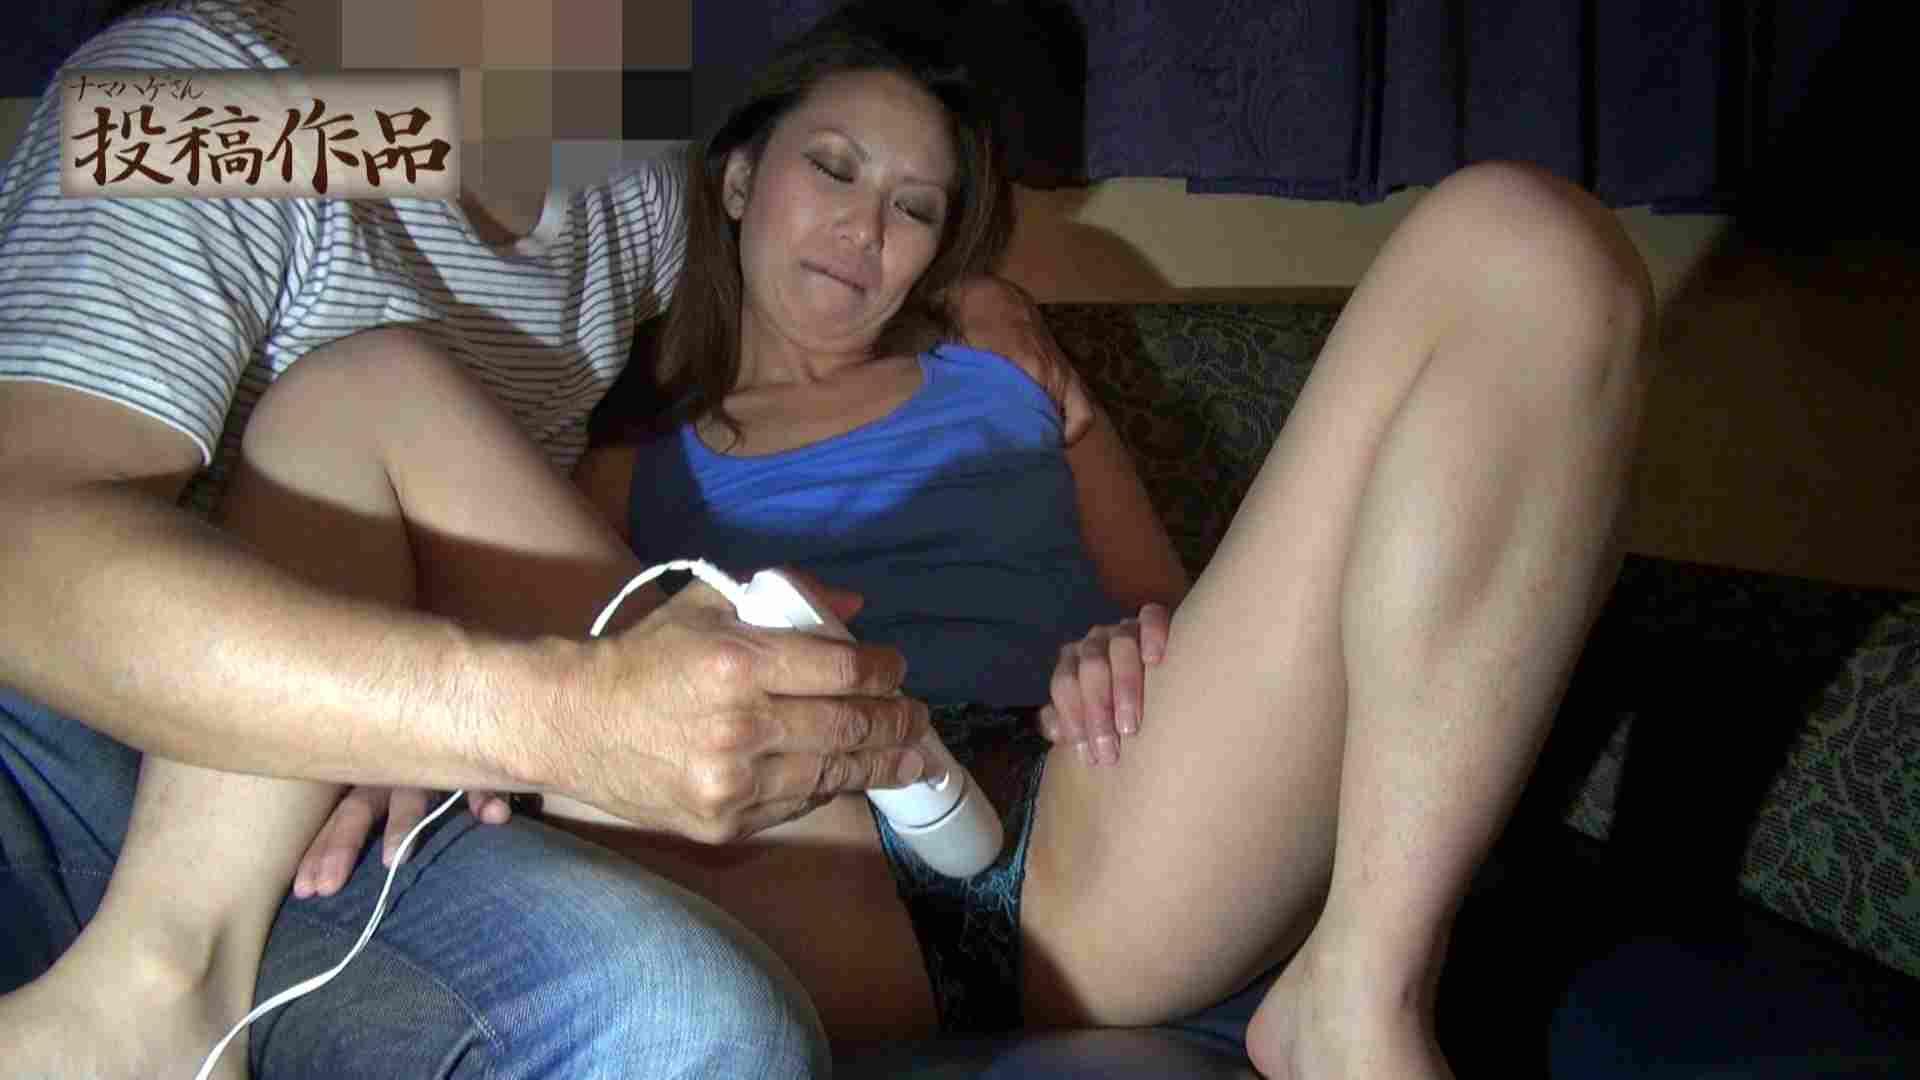 ナマハゲさんのまんこコレクション airi 一般投稿 セックス無修正動画無料 63pic 15